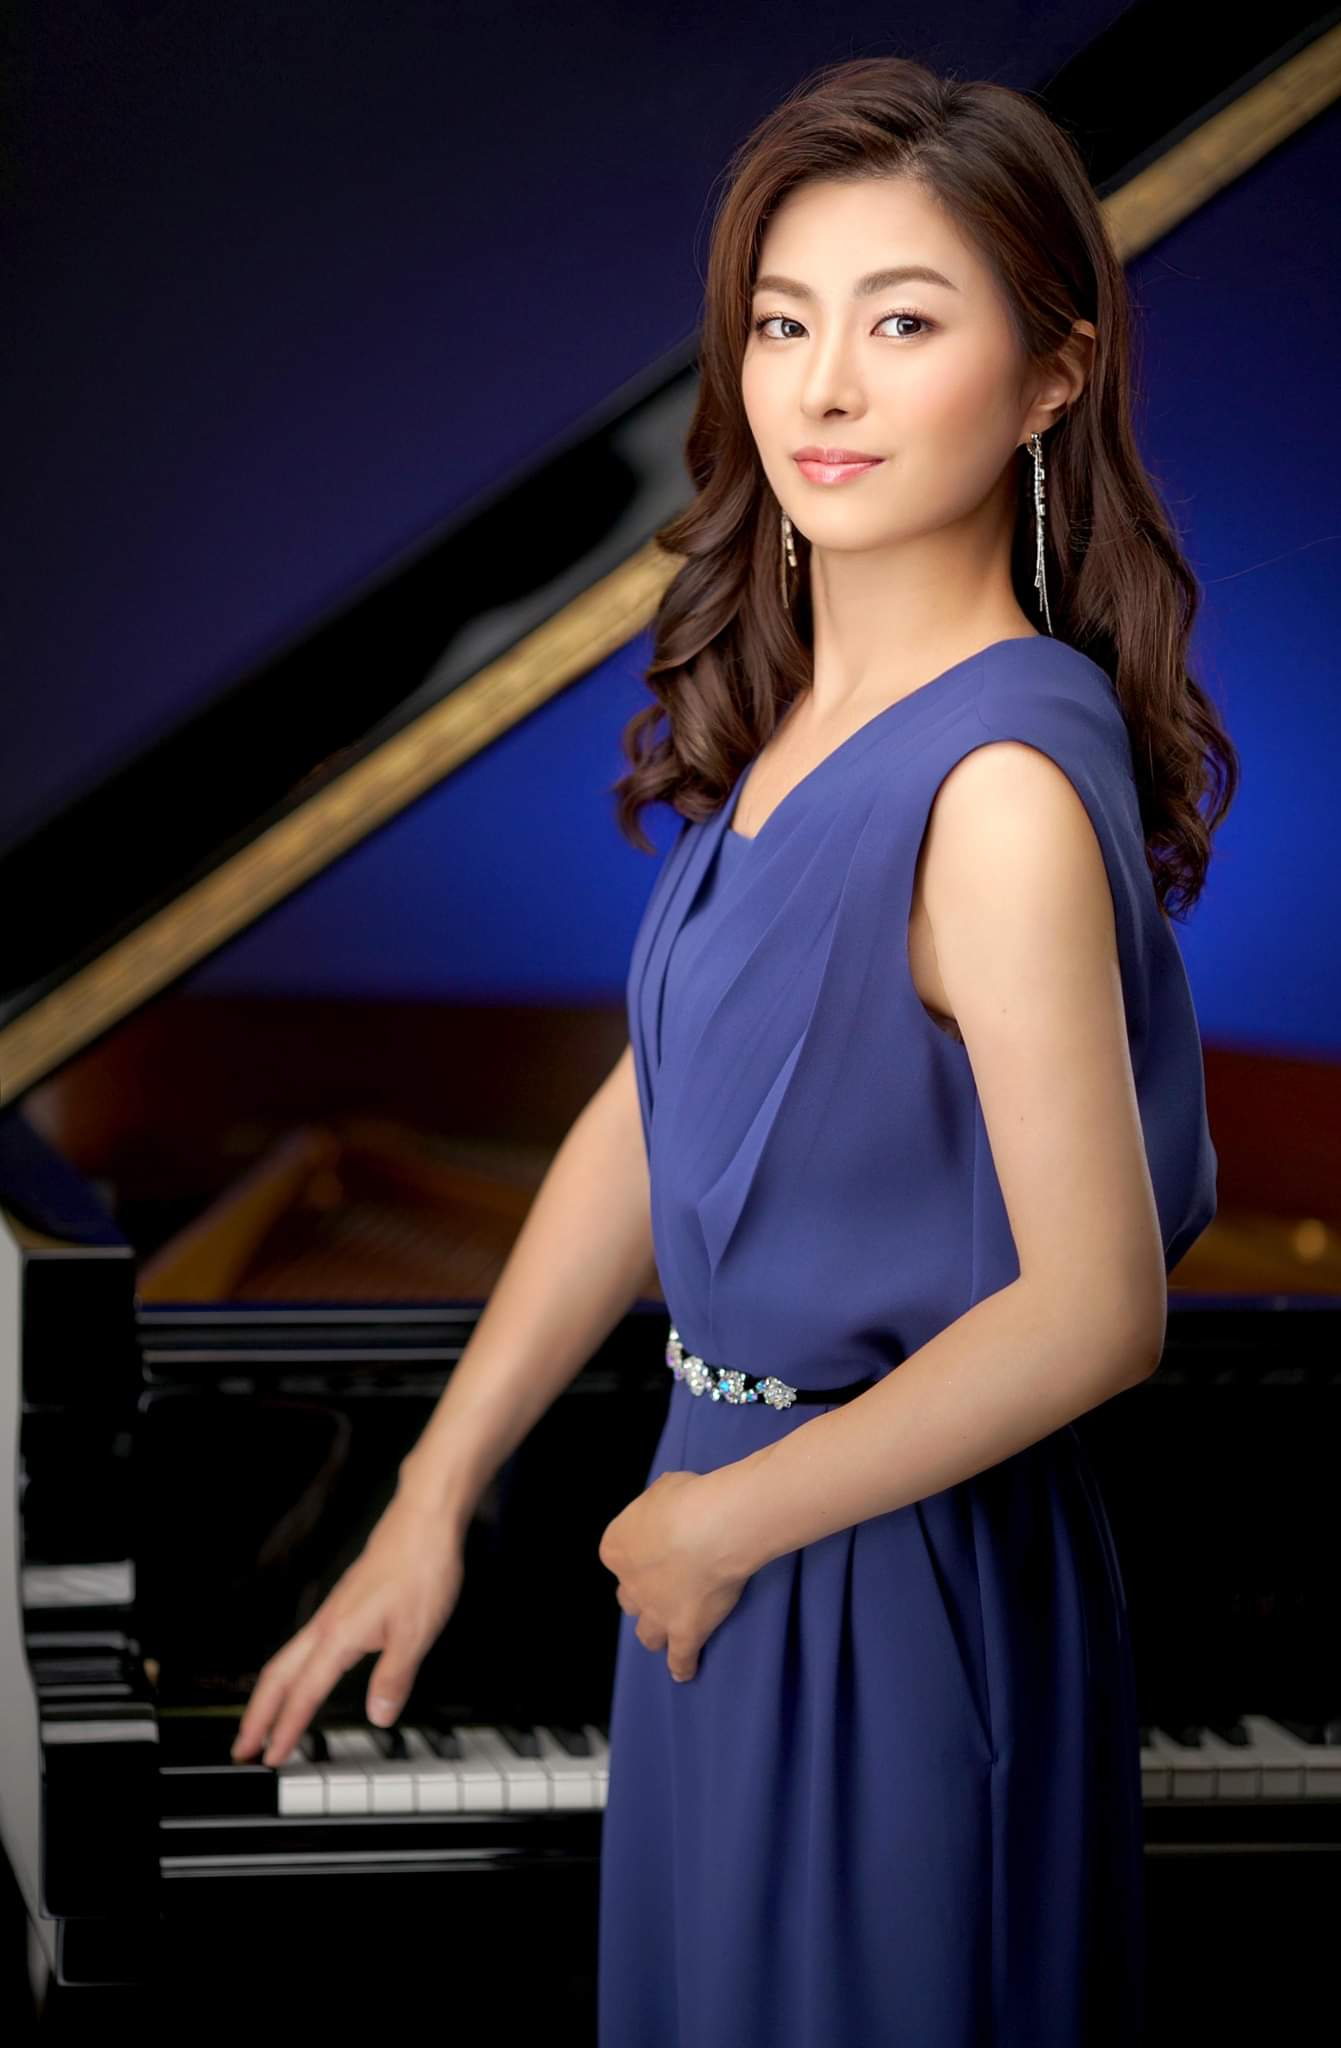 戸田みはる 千葉ピアノ教室 千葉リトミック ピアニスト